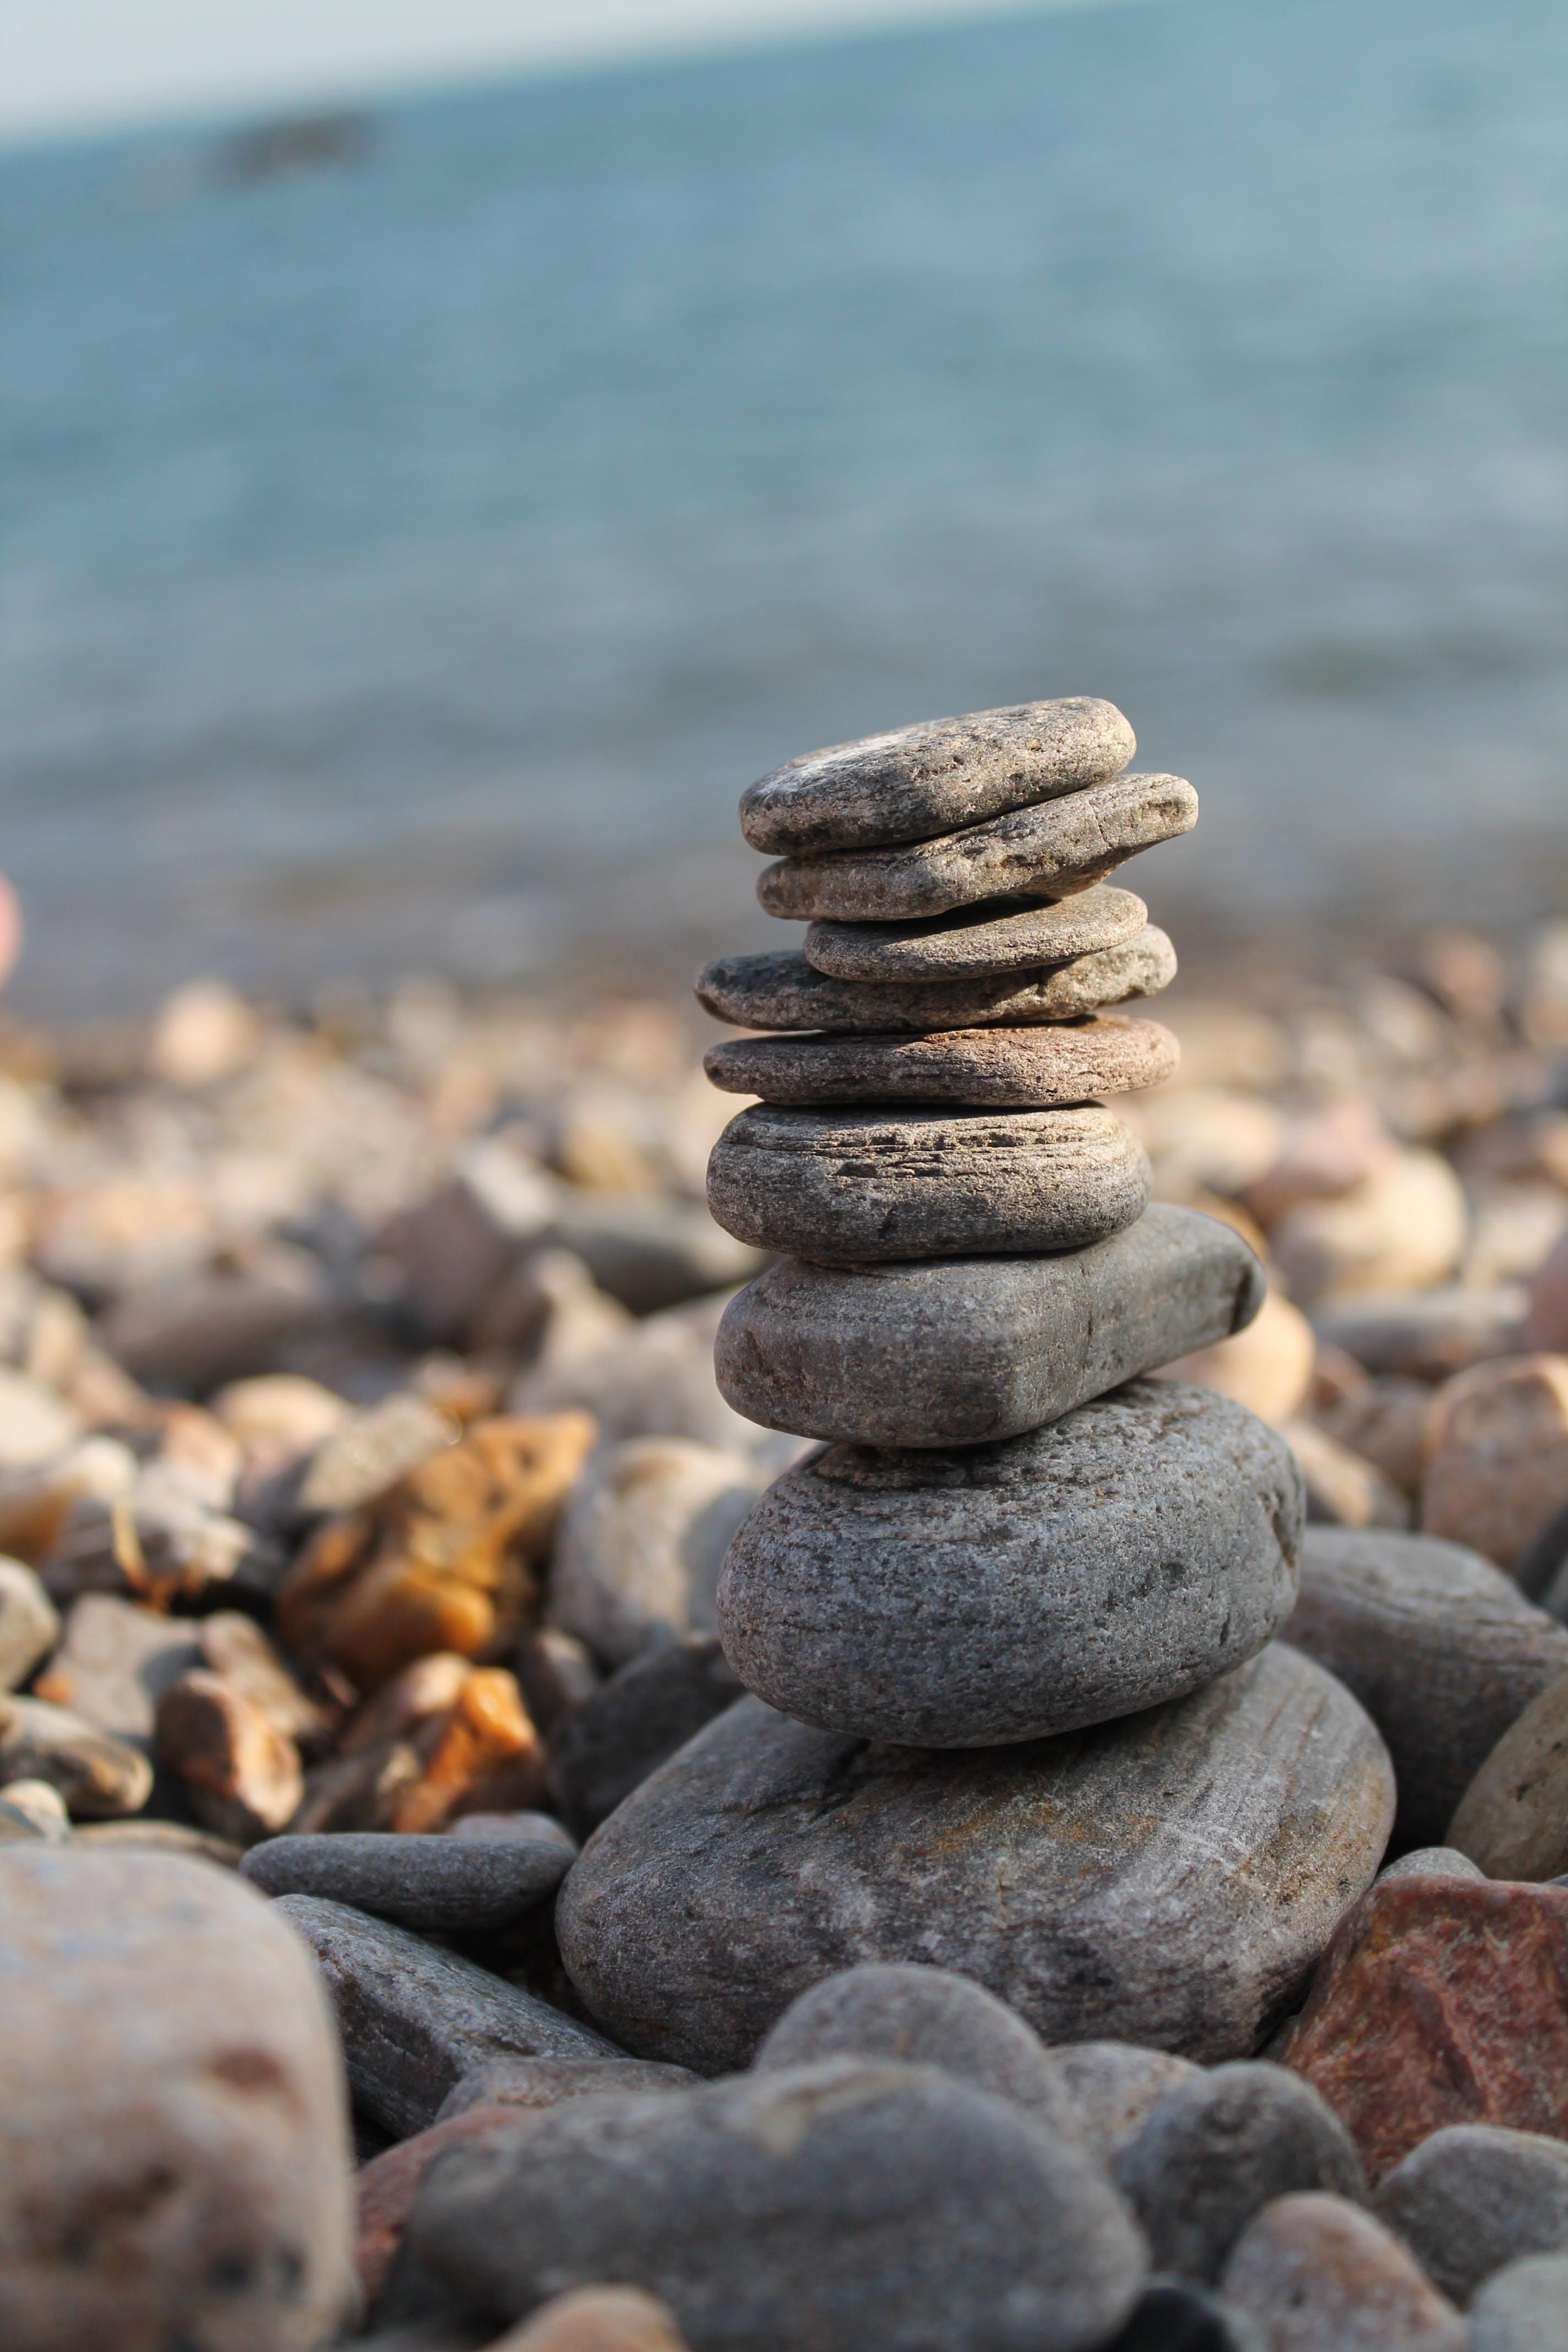 돌, 매크로, 물, 바다의 무료 스톡 사진